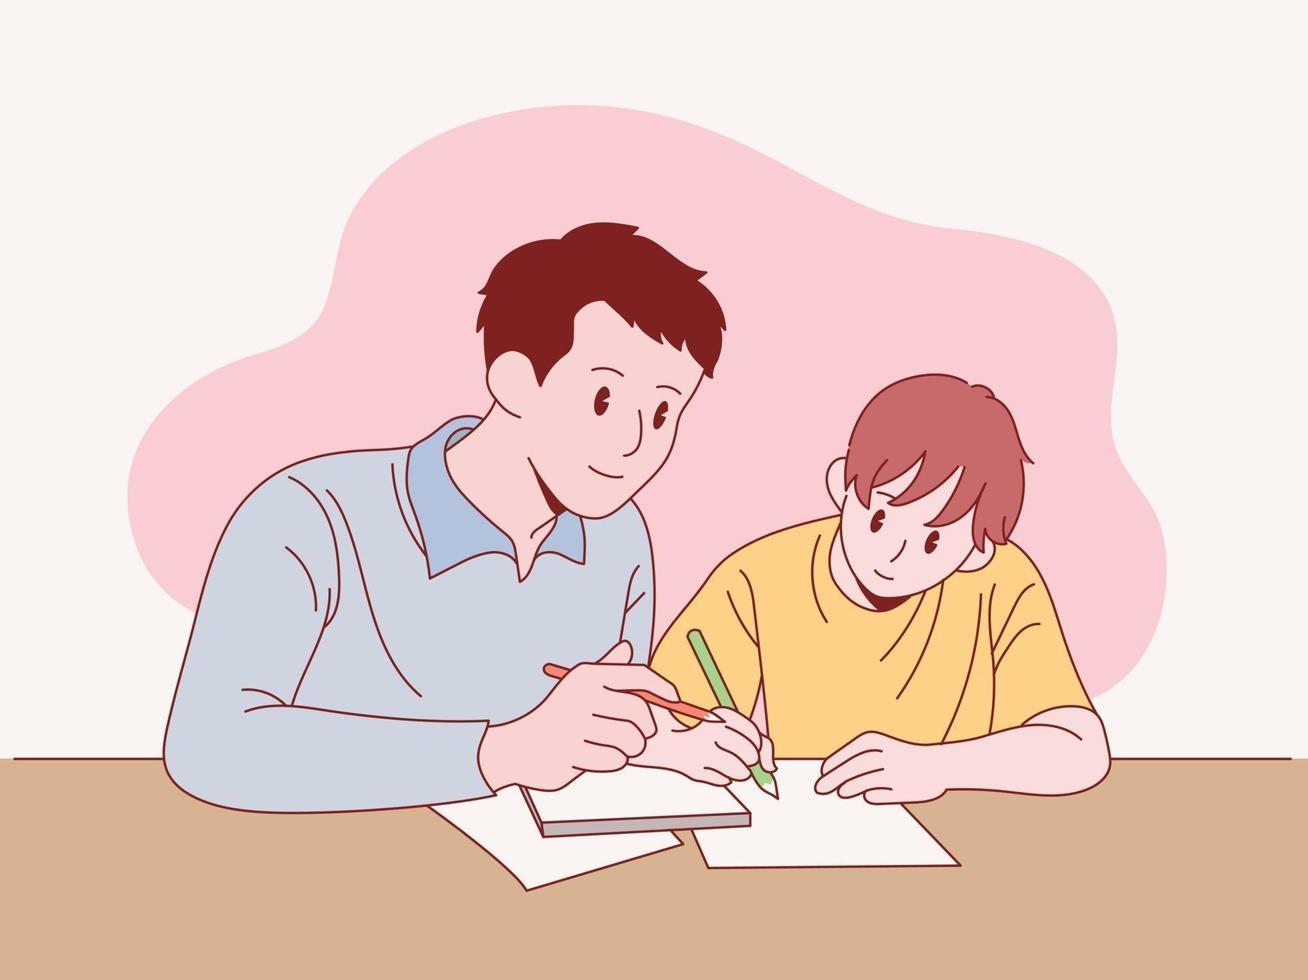 pai está ensinando seu filho a estudar. vetor